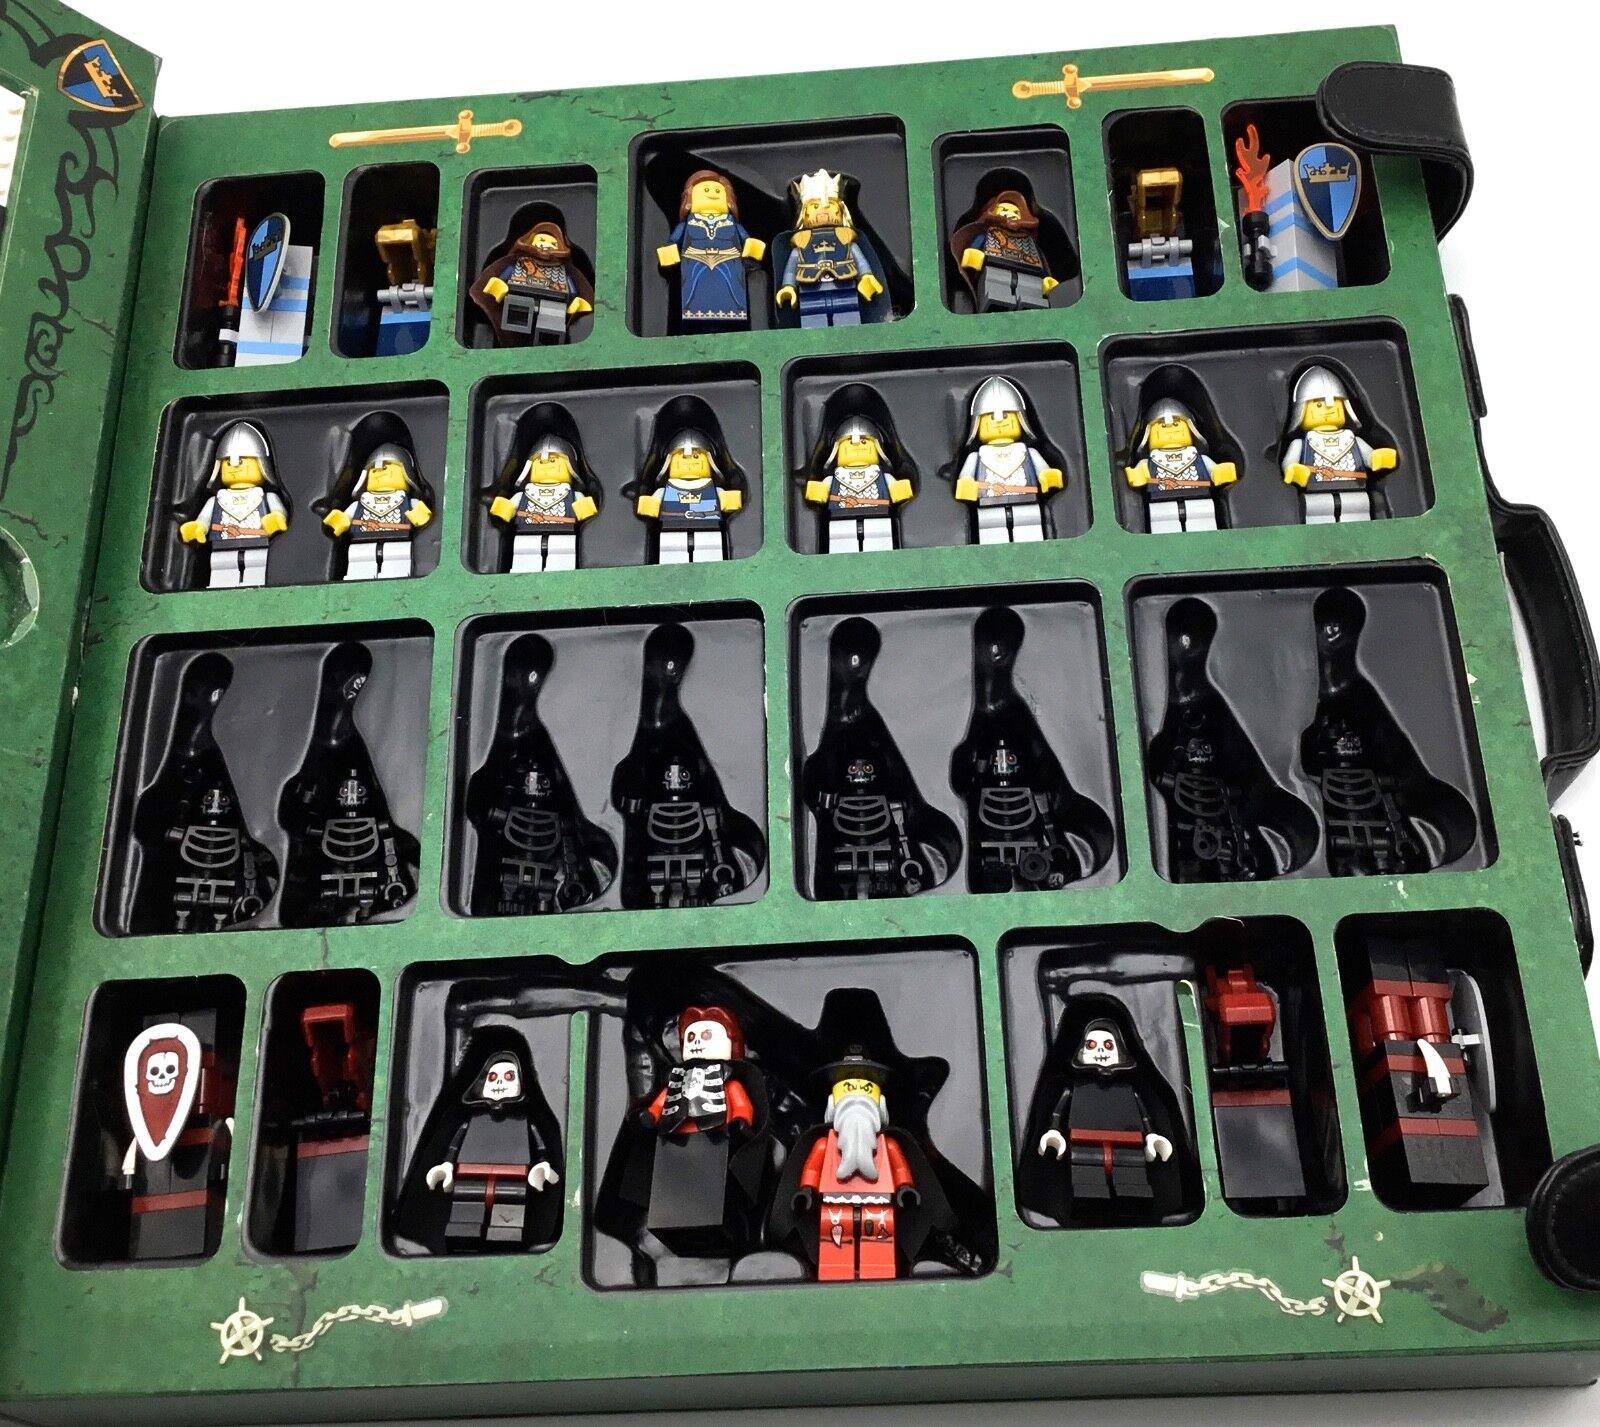 Juego de ajedrez de época de fantasía Lego 852001 Minifiguras Tablero De Juego Castillo reinos